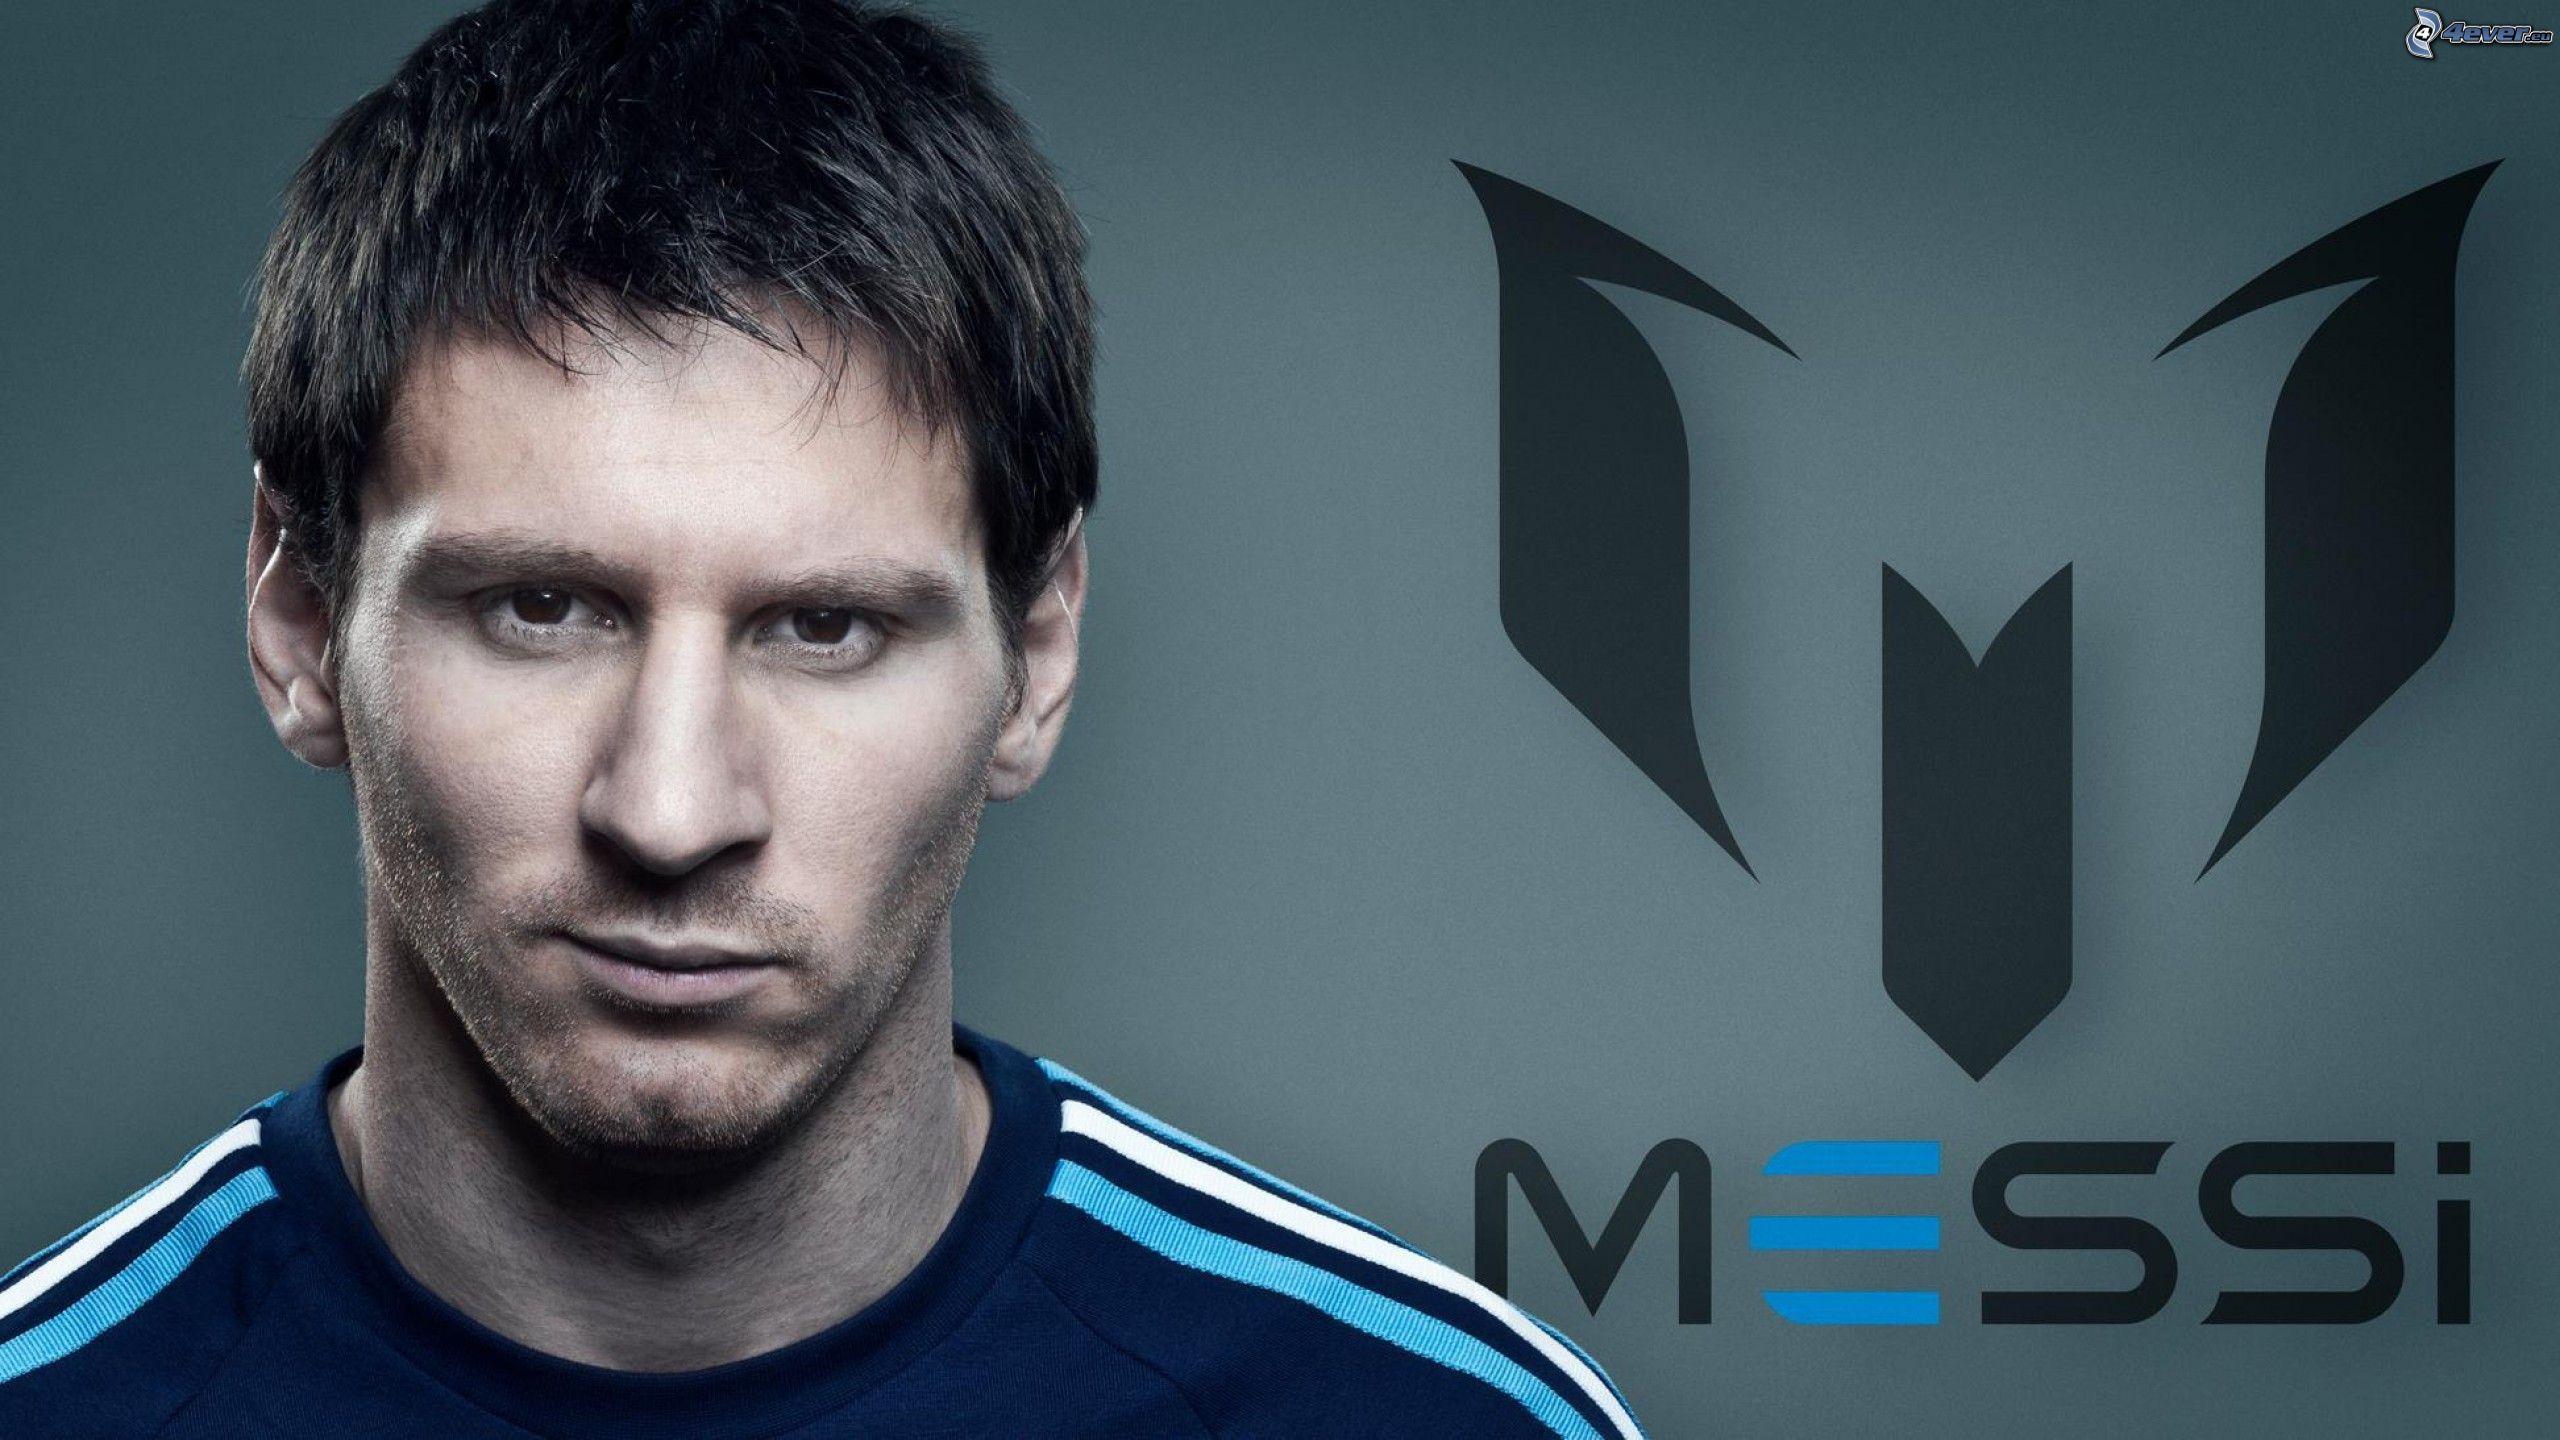 Lionel Messi Fotografías e imágenes de stock | Getty Images